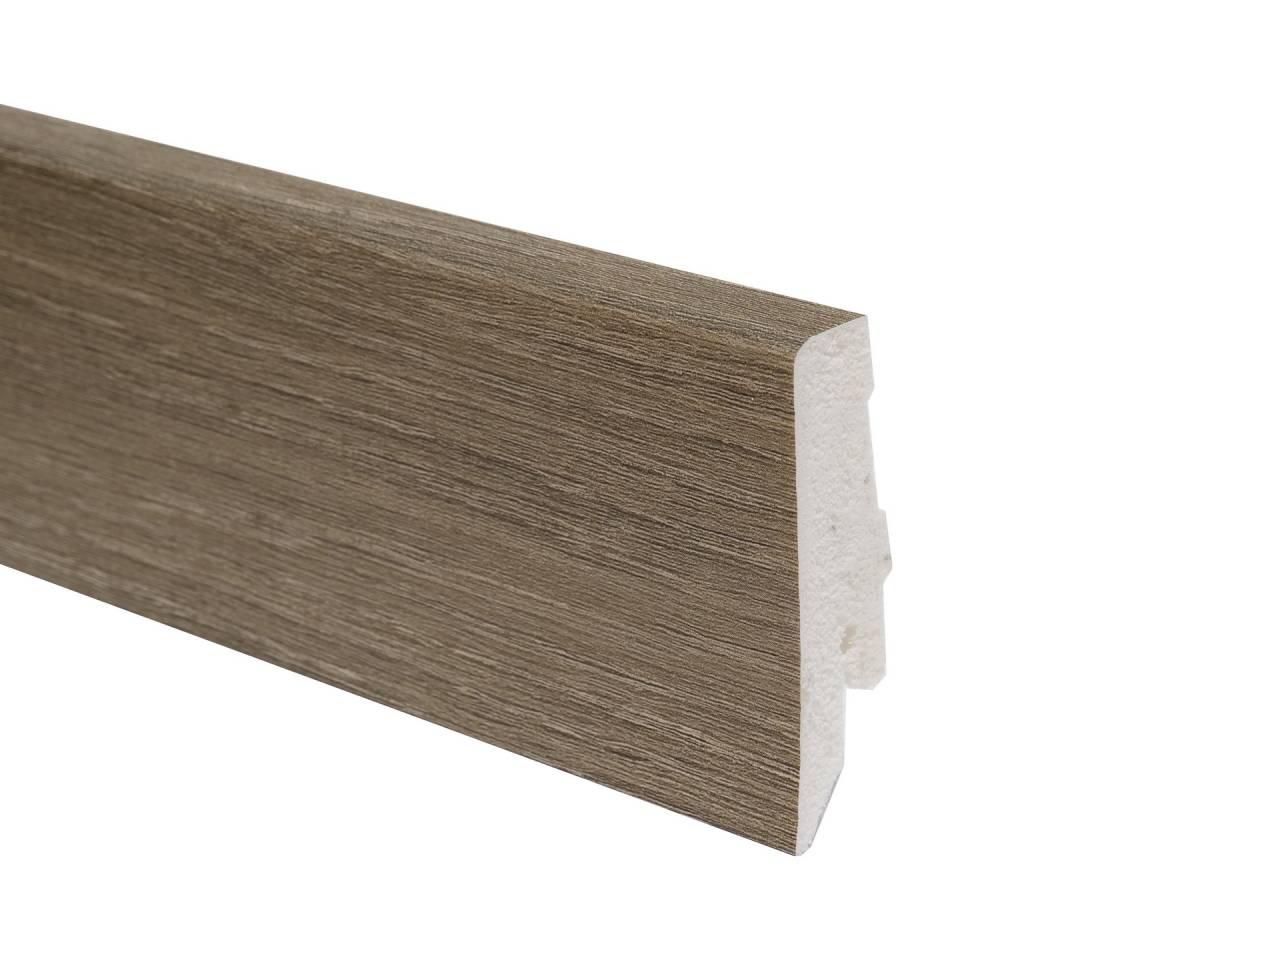 PVC подов перваз L015 с кабелен канал и височина 58 мм, подходящ за винилова настилка в сиво-кафяв цвят. Дължина 2.4 м.